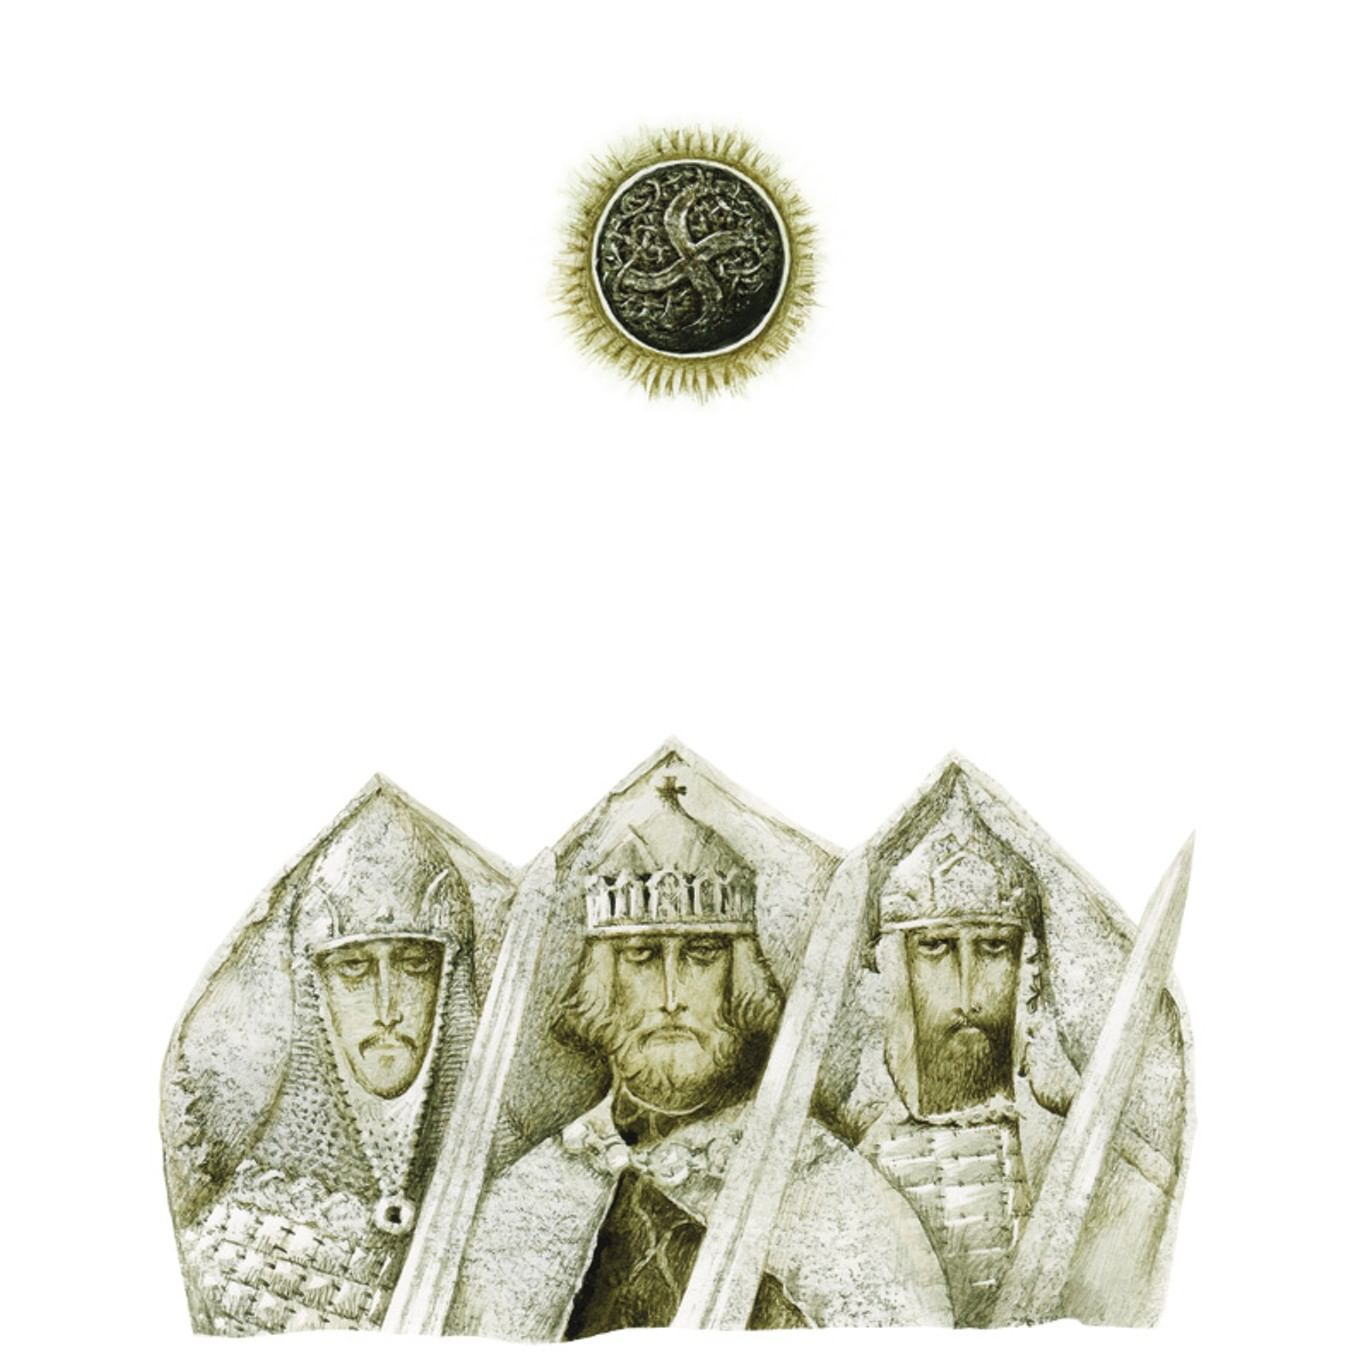 Павел Татарников. Иллюстрация к книге  «Слово о полку Игореве». 2013